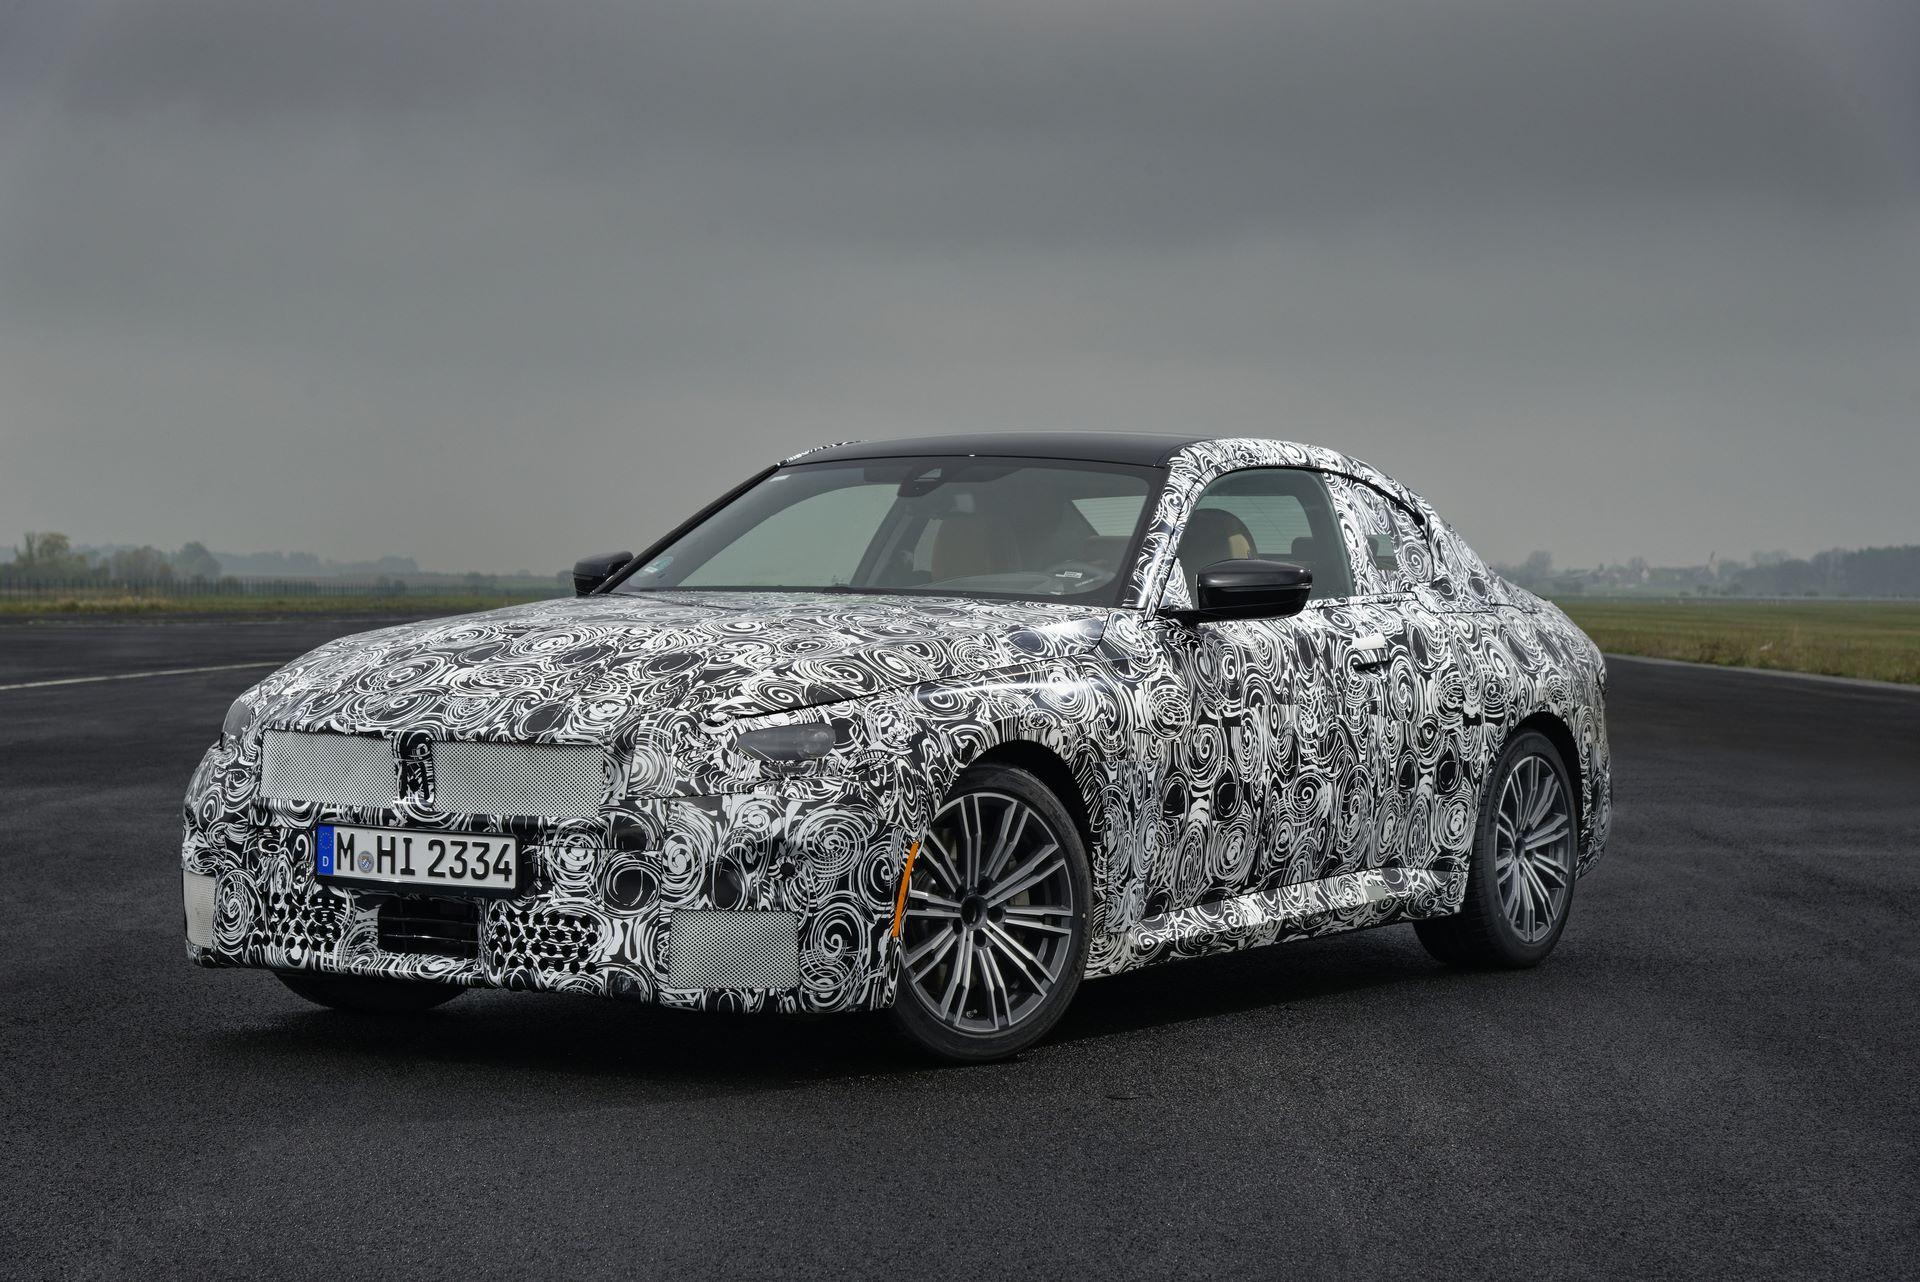 BMW-2-Series-M240i-spy-photos-43